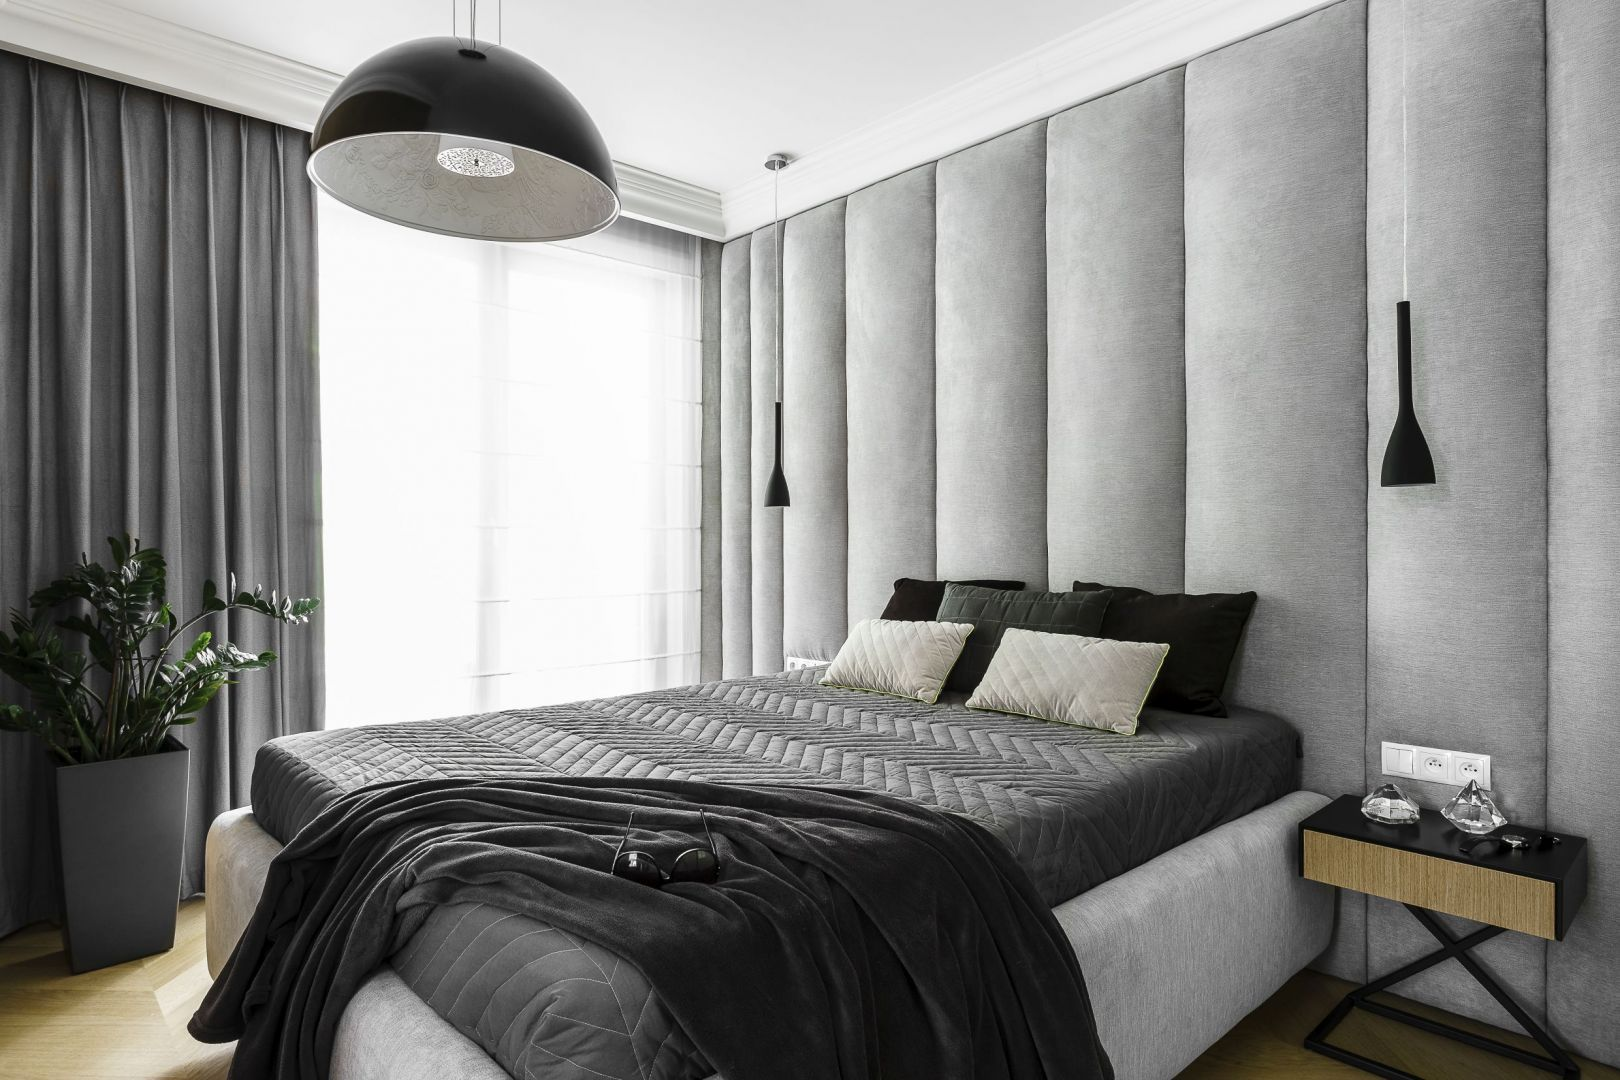 Ściana za łóżkiem w sypialni wykończona jest tapicerowanymi panelami w jasnym szarym kolorze. Panel zdobią całą ścianę za łóżkiem. Projekt: Anna Maria Sokołowska. Fot. Fotomohito